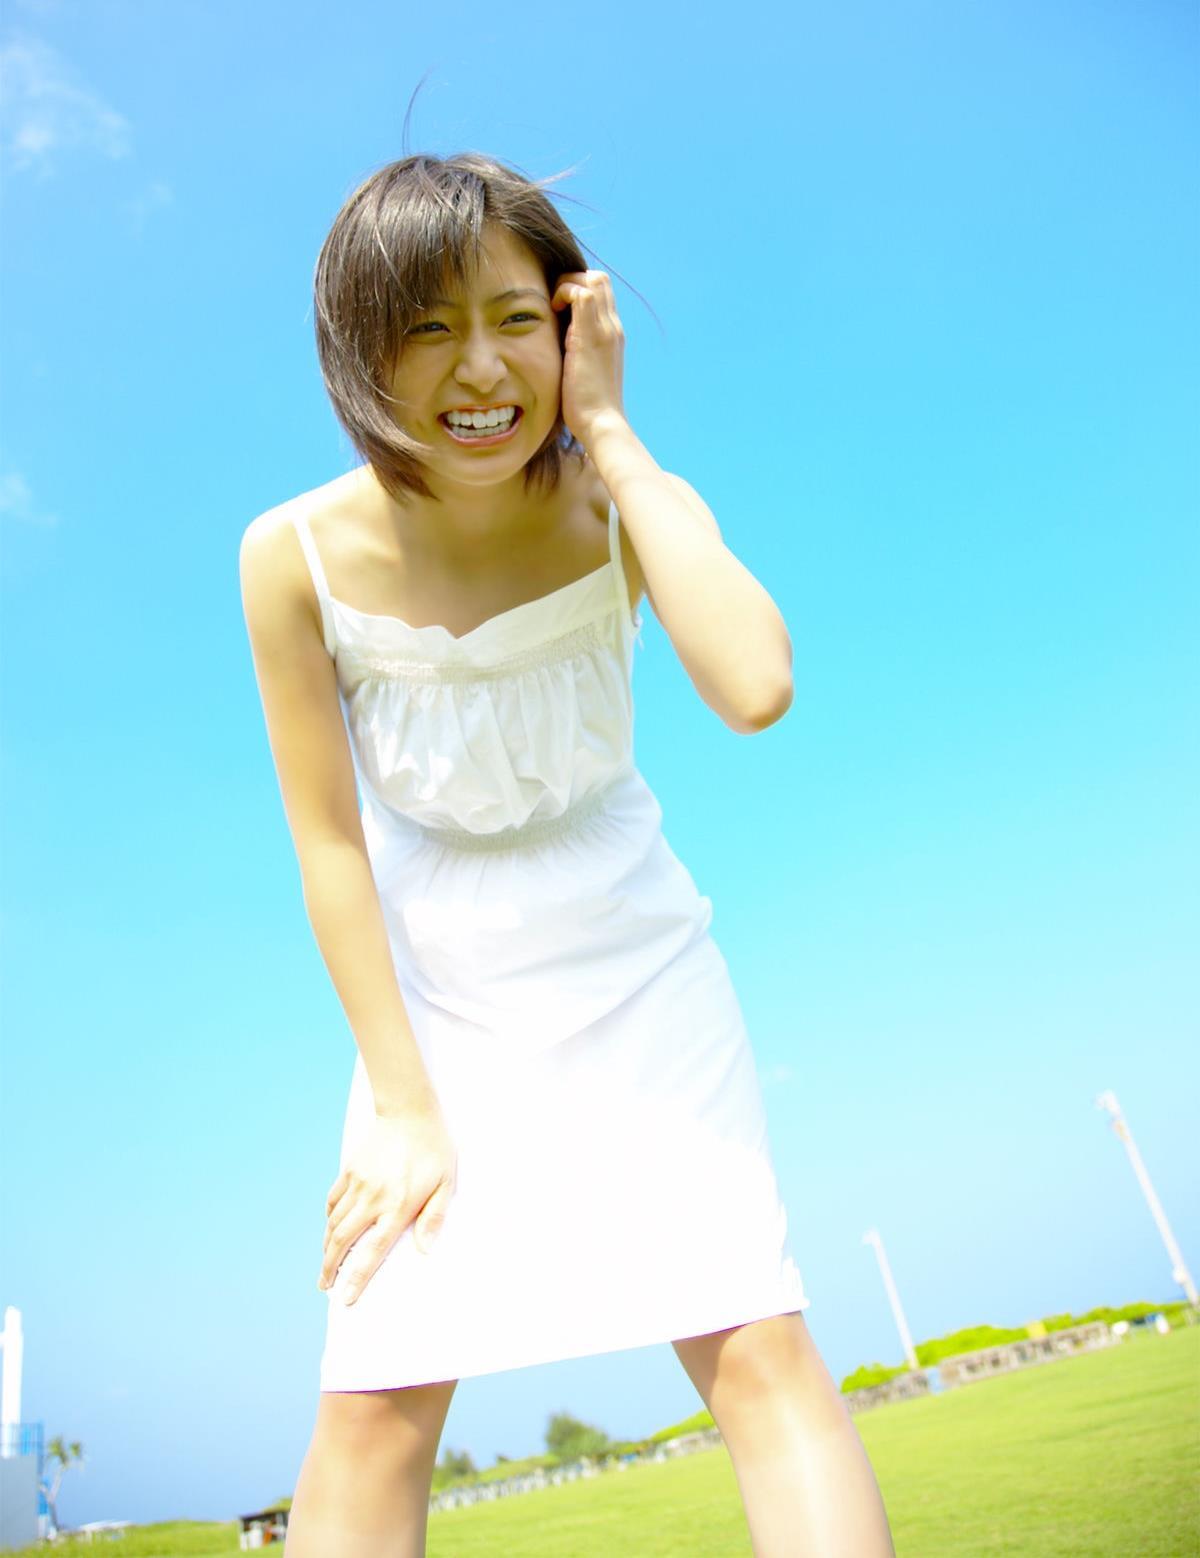 南沢奈央 画像 29